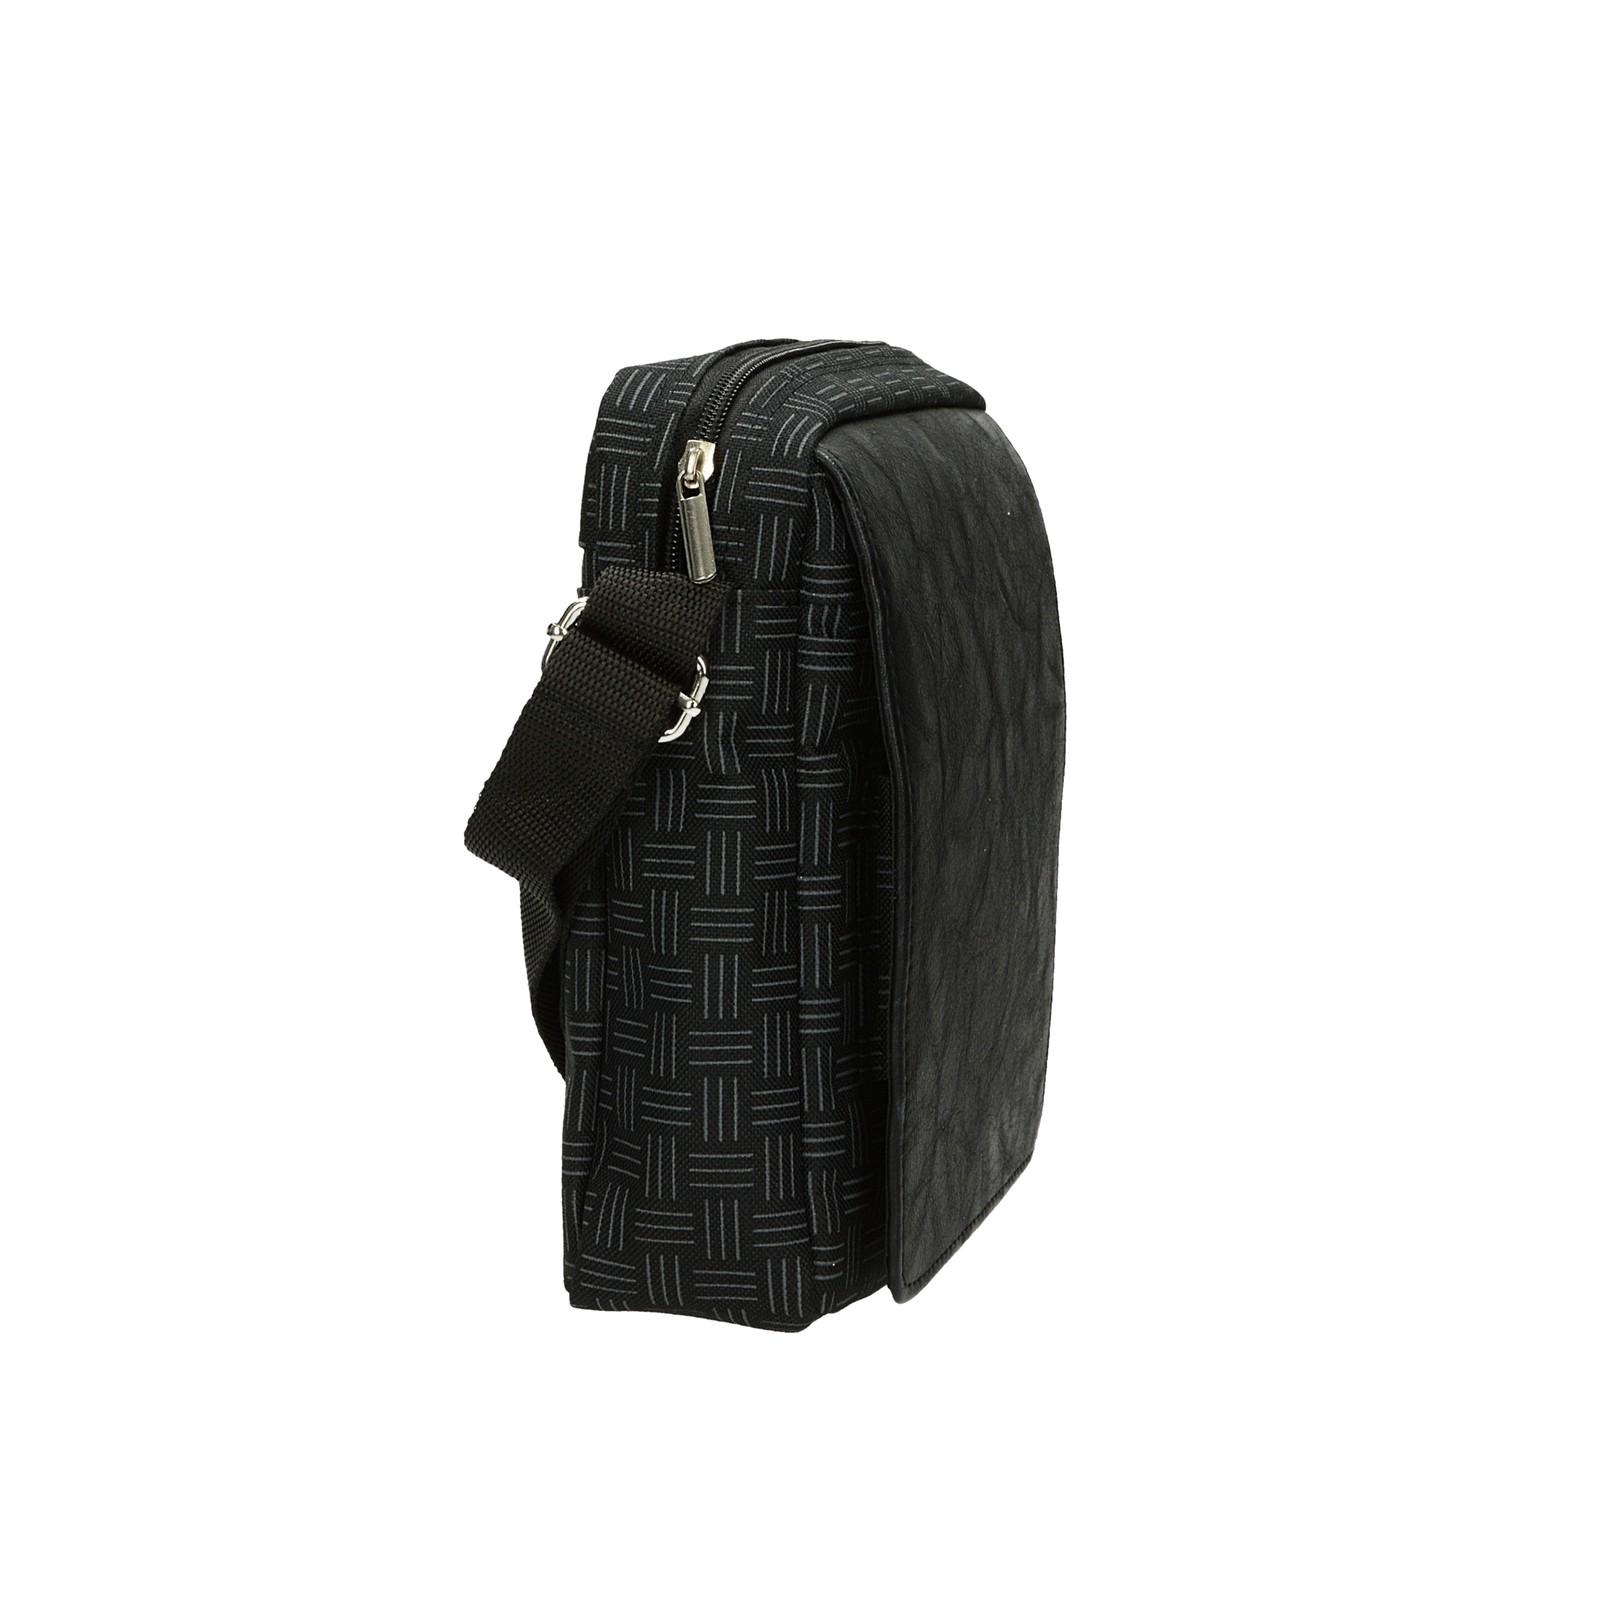 Mercucio dámska crossbody kabelka - čierna